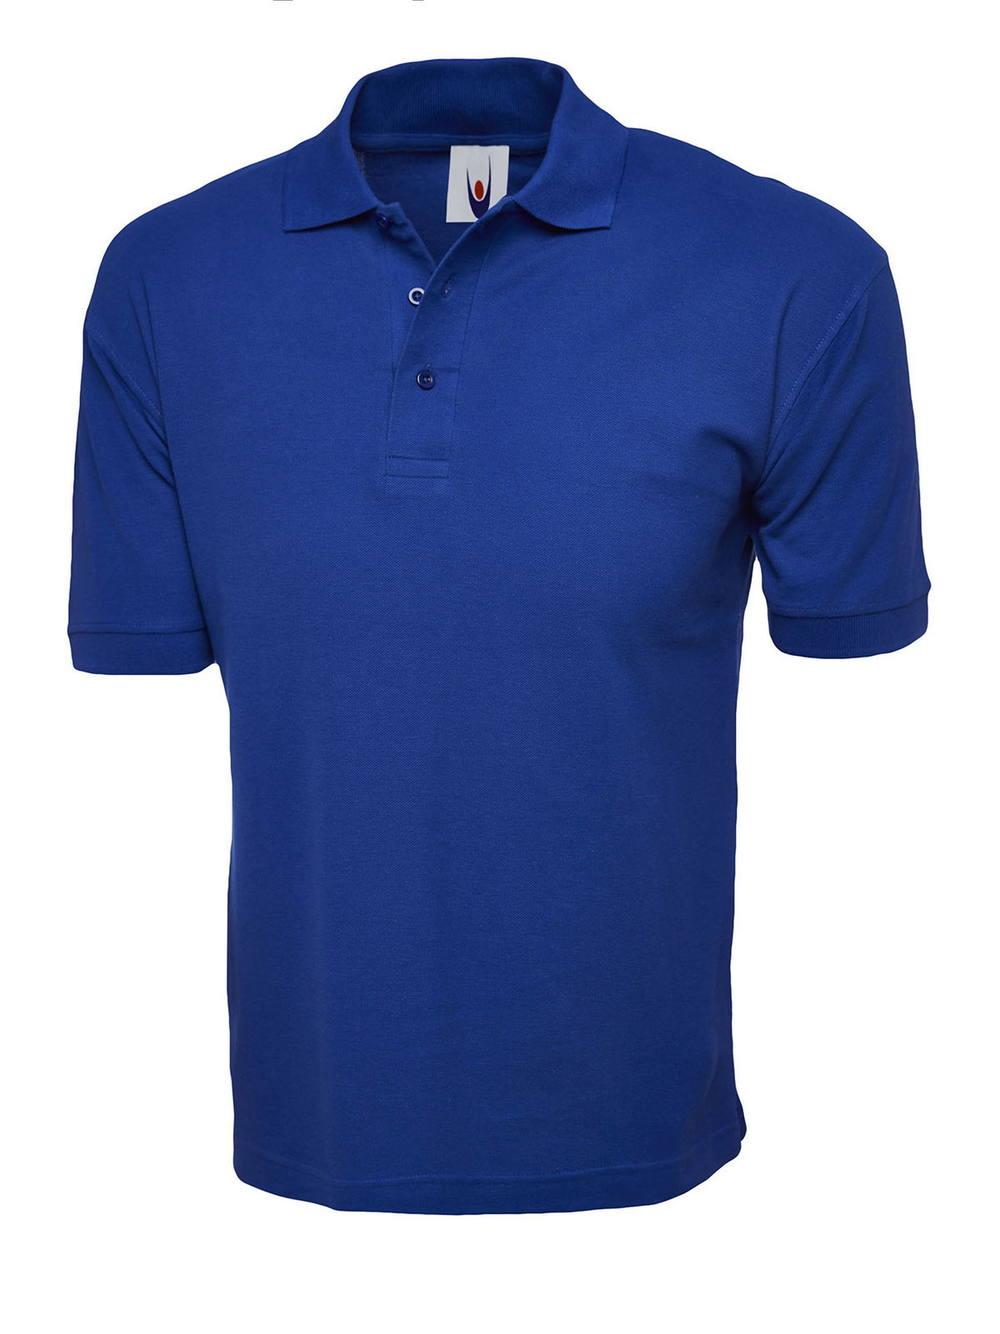 Uneek Cotton Rich Poloshirt